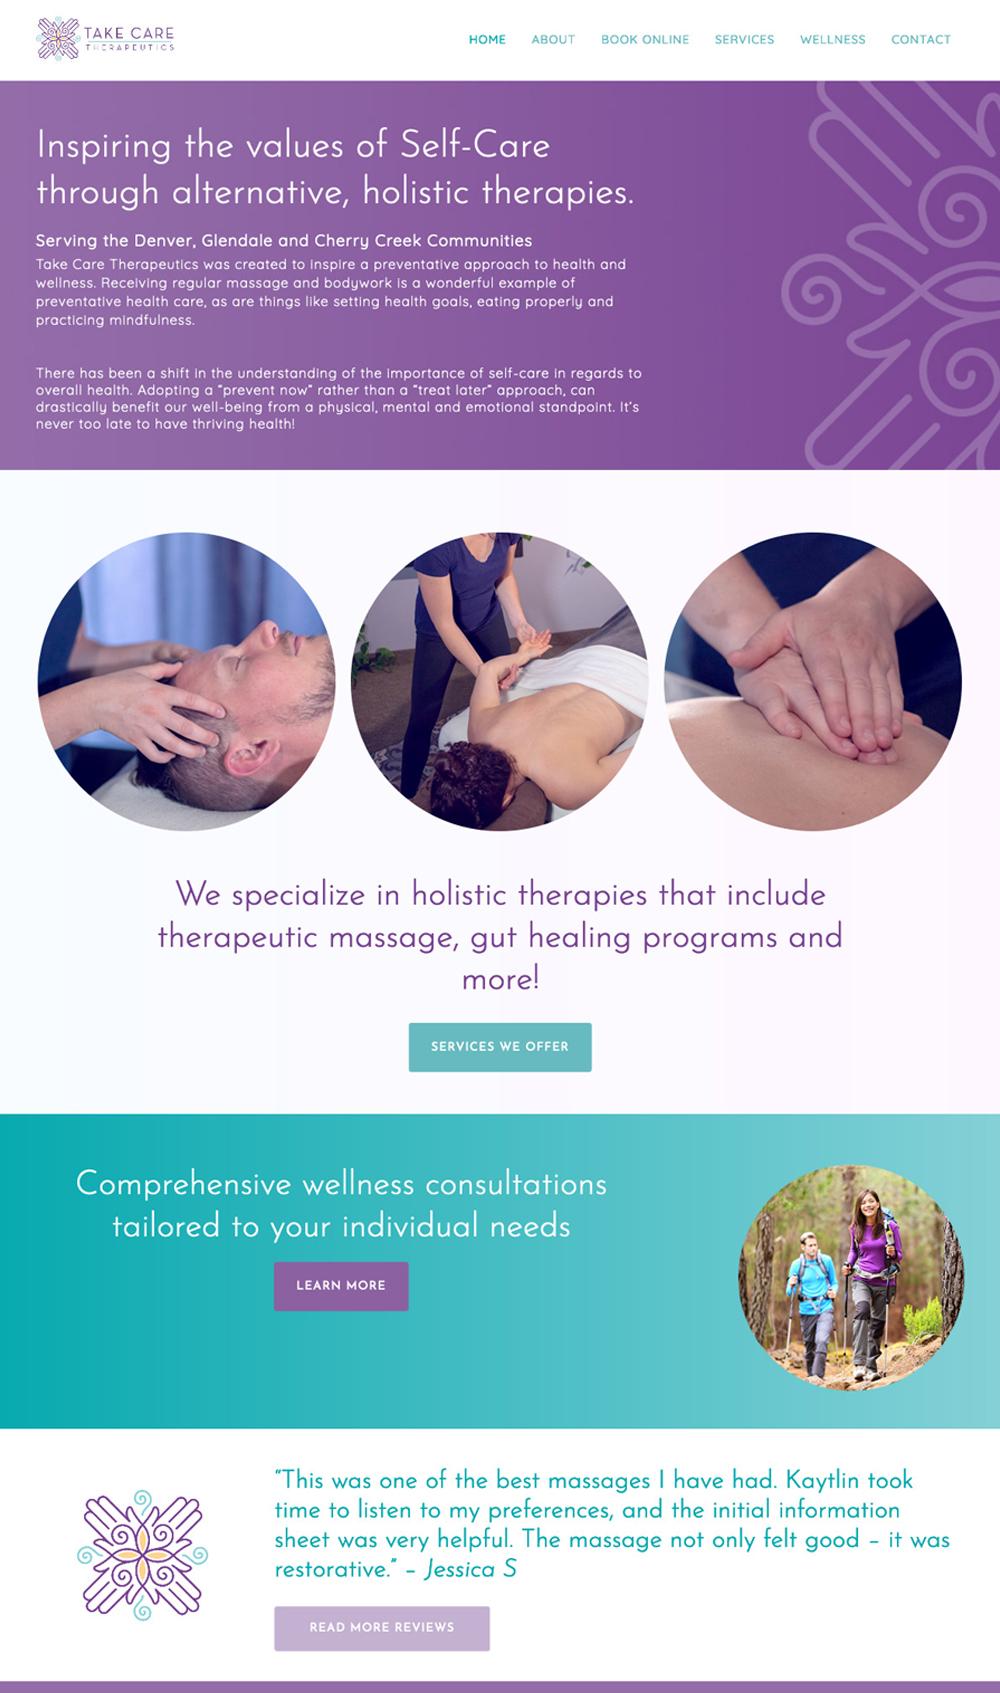 Take Care Therapeutics website homepage screenshot